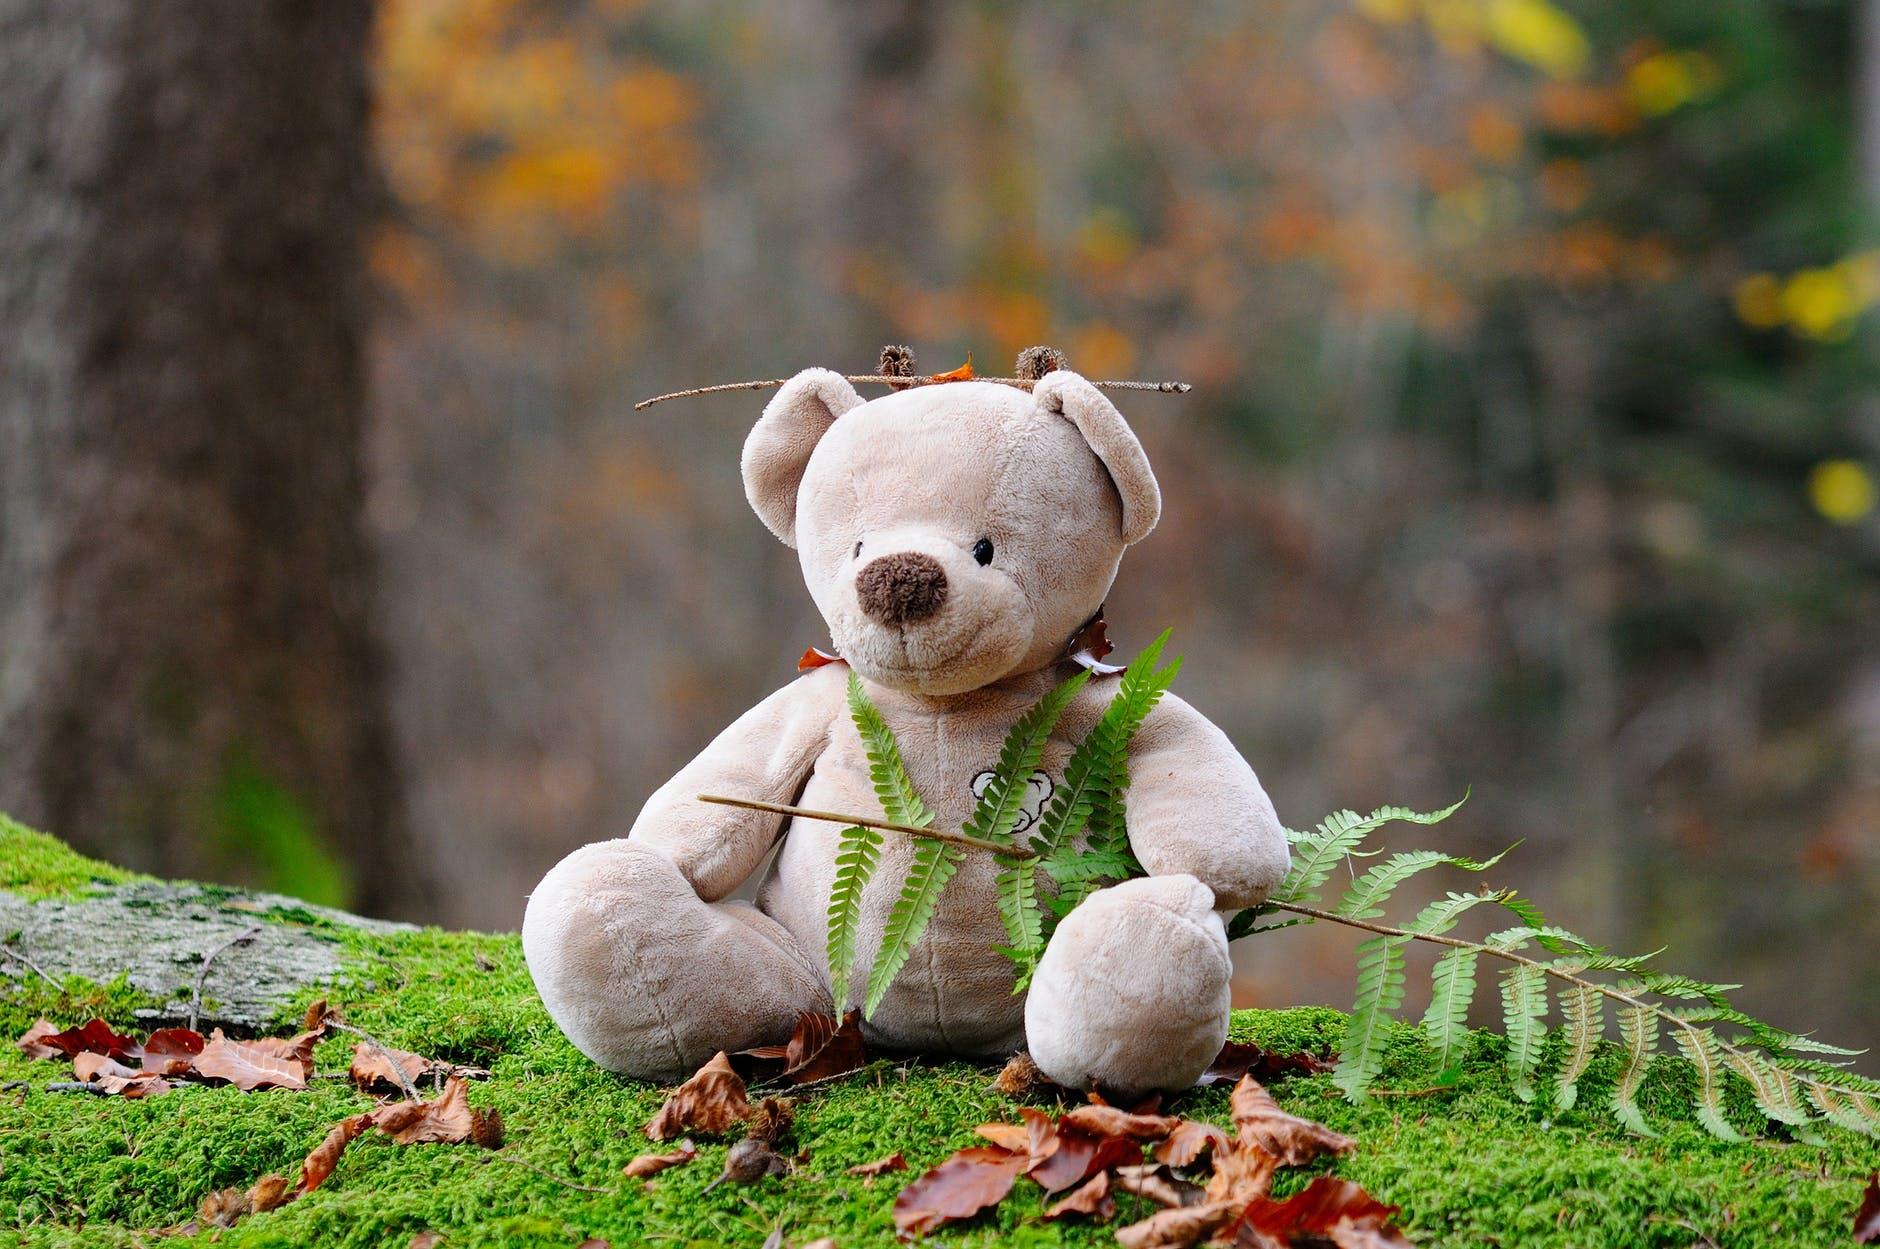 Niedźwiedź śpi – zabawy rozwijające, niepełnosprawność intelektualna